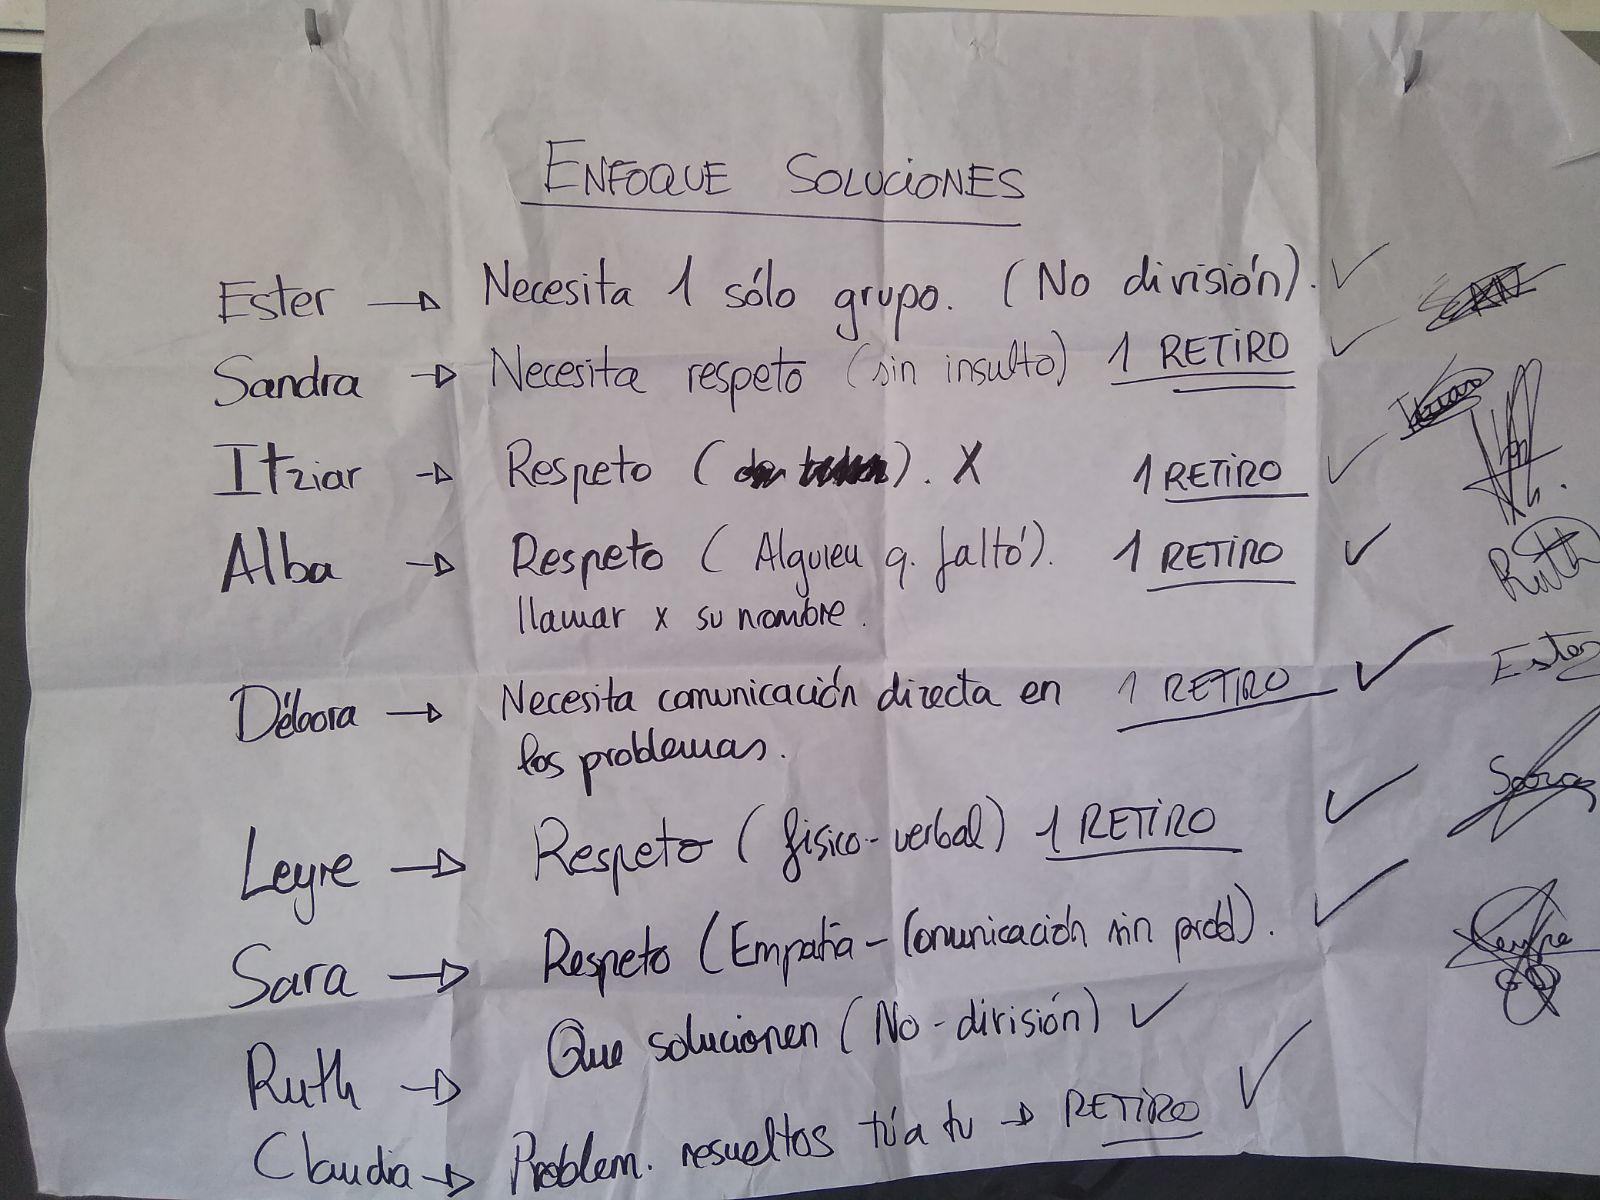 DINÁMICA ENFOQUE SOLUCIONES EN AULA